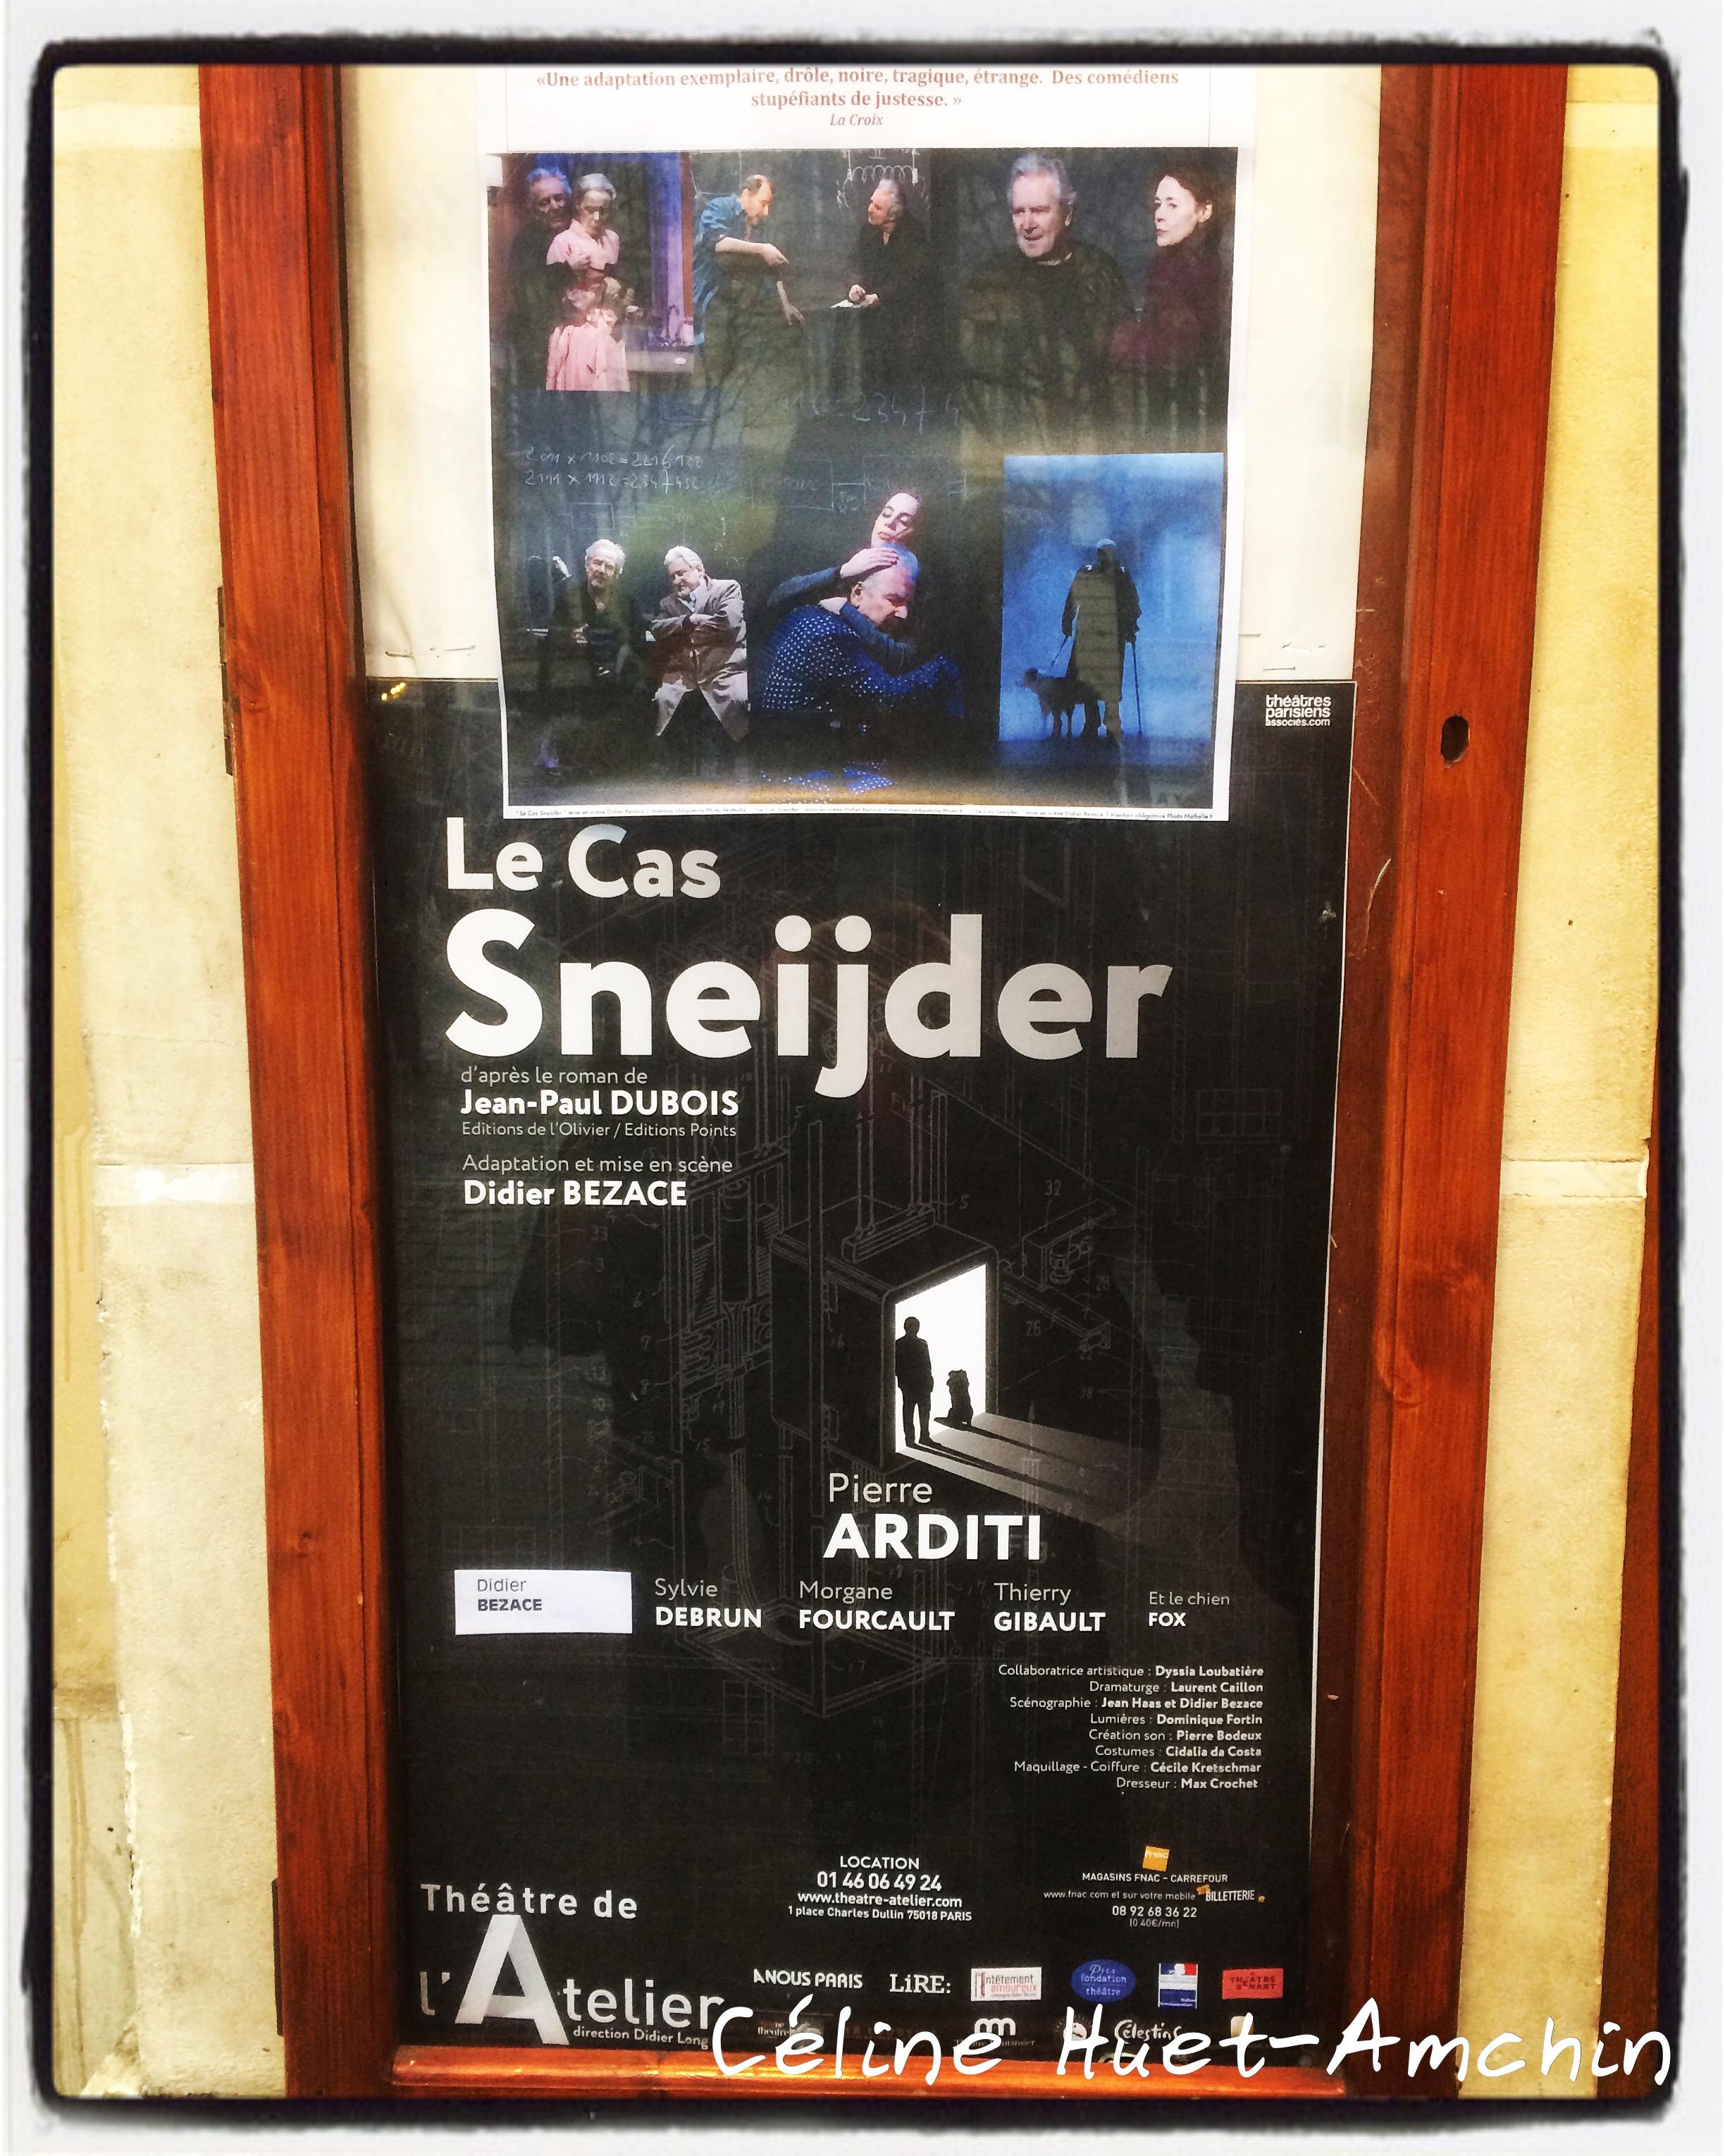 Le cas Sneijder Théâtre de l'Atelier Paris